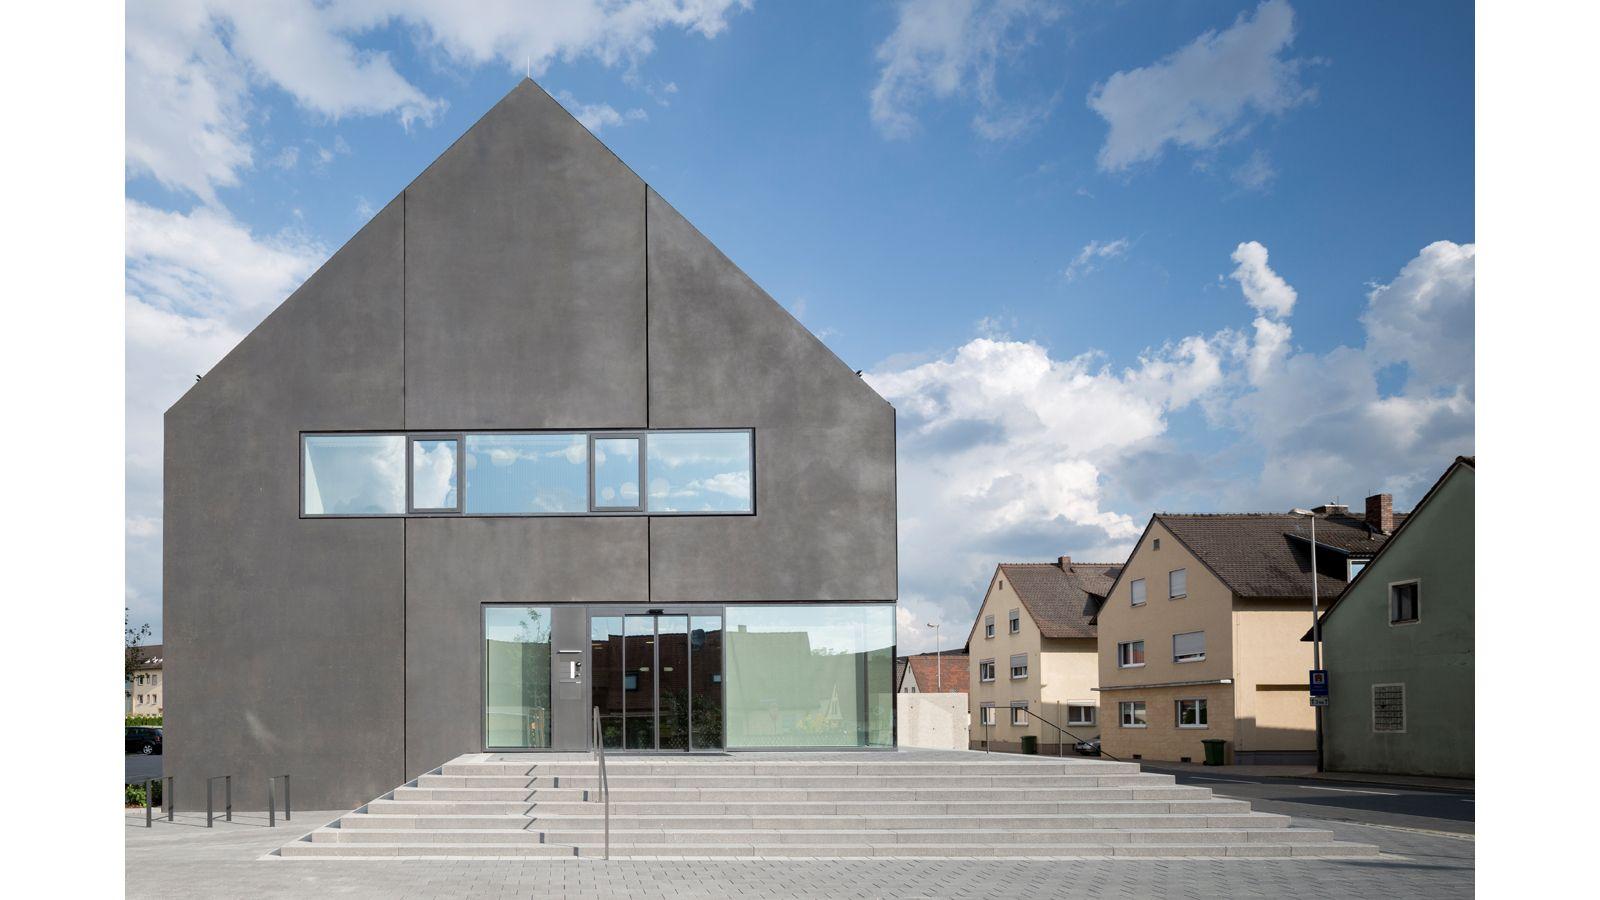 H2m Architekten bürgerzentrum strullendorf h2m architekten ingenieure